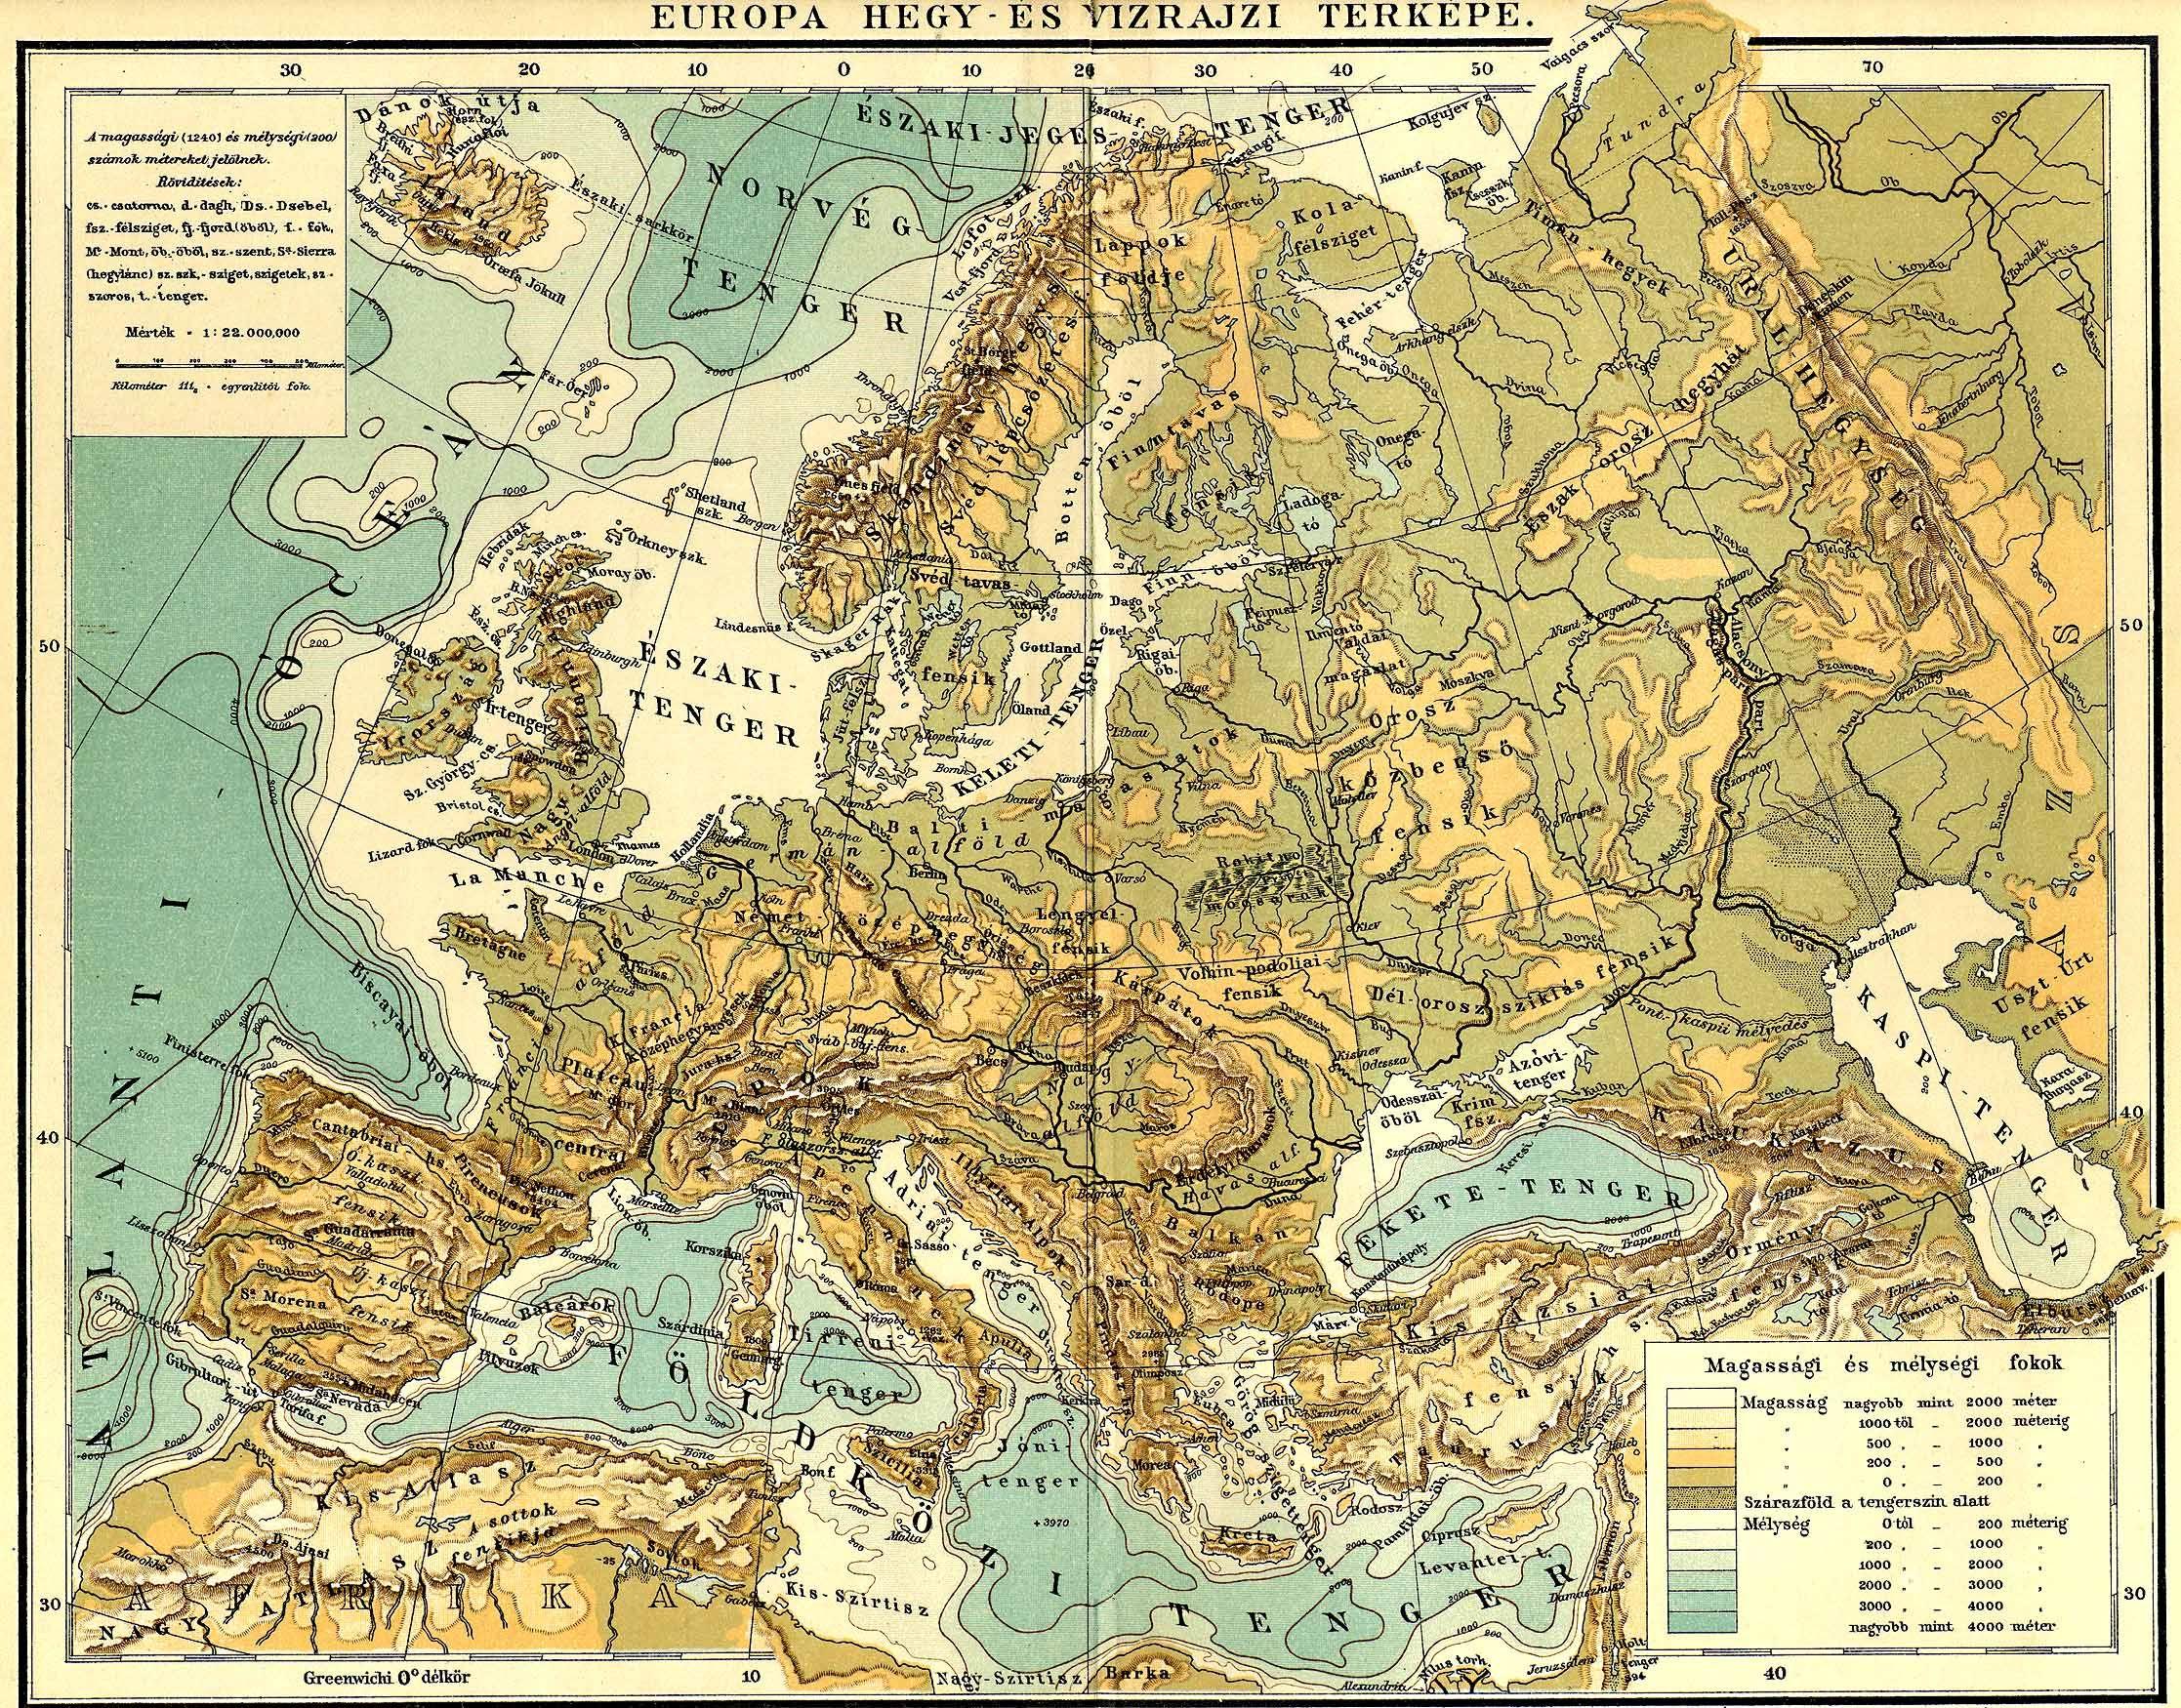 domborzati térkép európa Európa hegy  és vizrajzi térképe [Digitális Képarchívum   DKA 000501] domborzati térkép európa